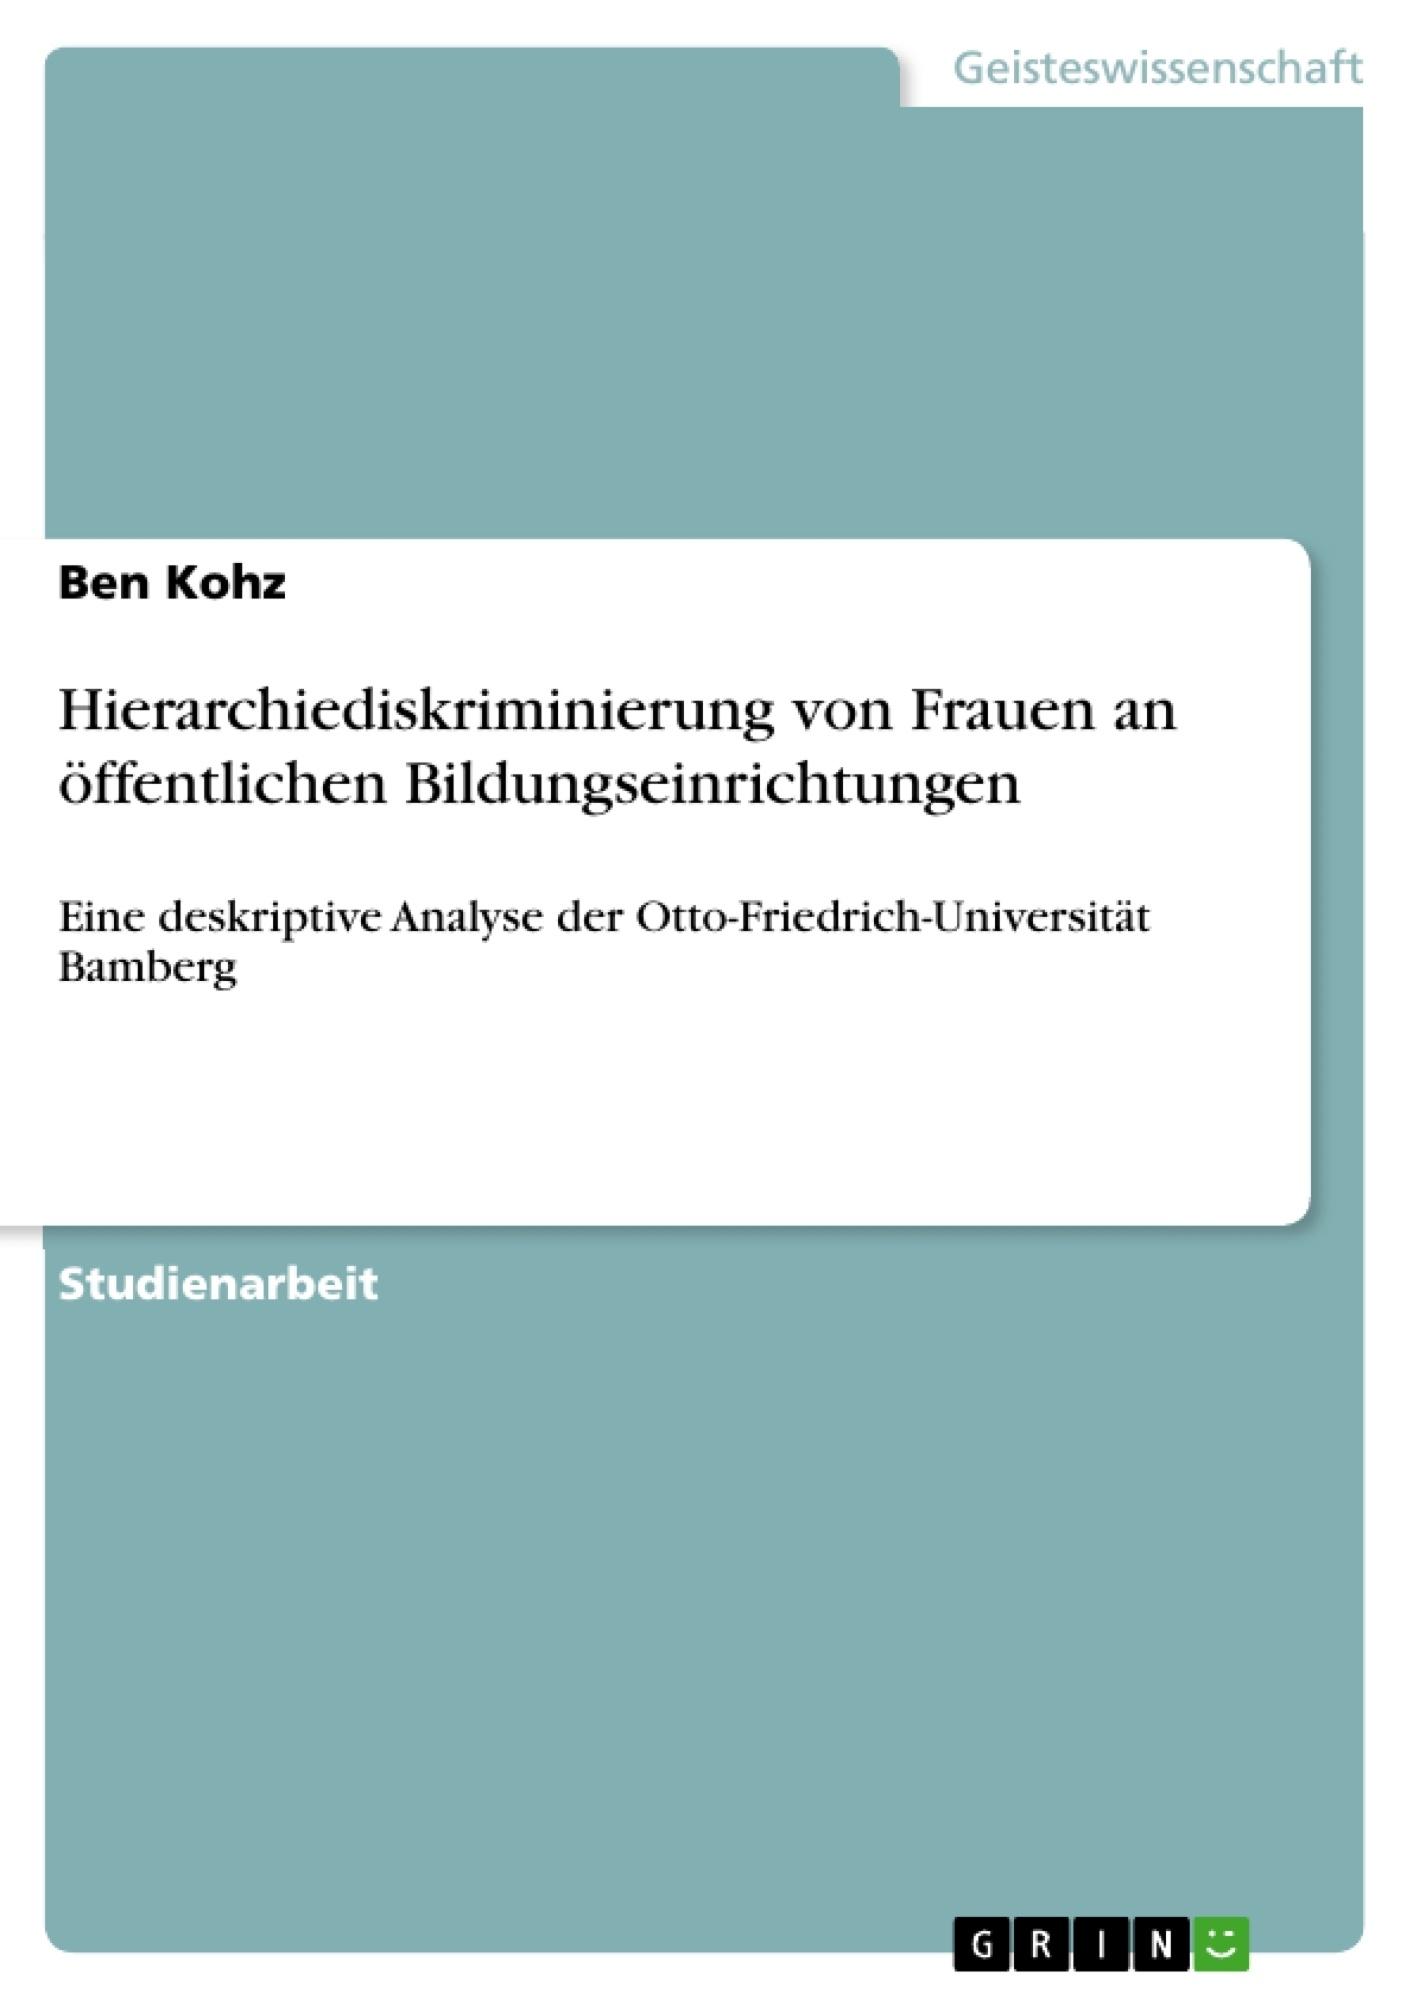 Titel: Hierarchiediskriminierung von Frauen an öffentlichen Bildungseinrichtungen